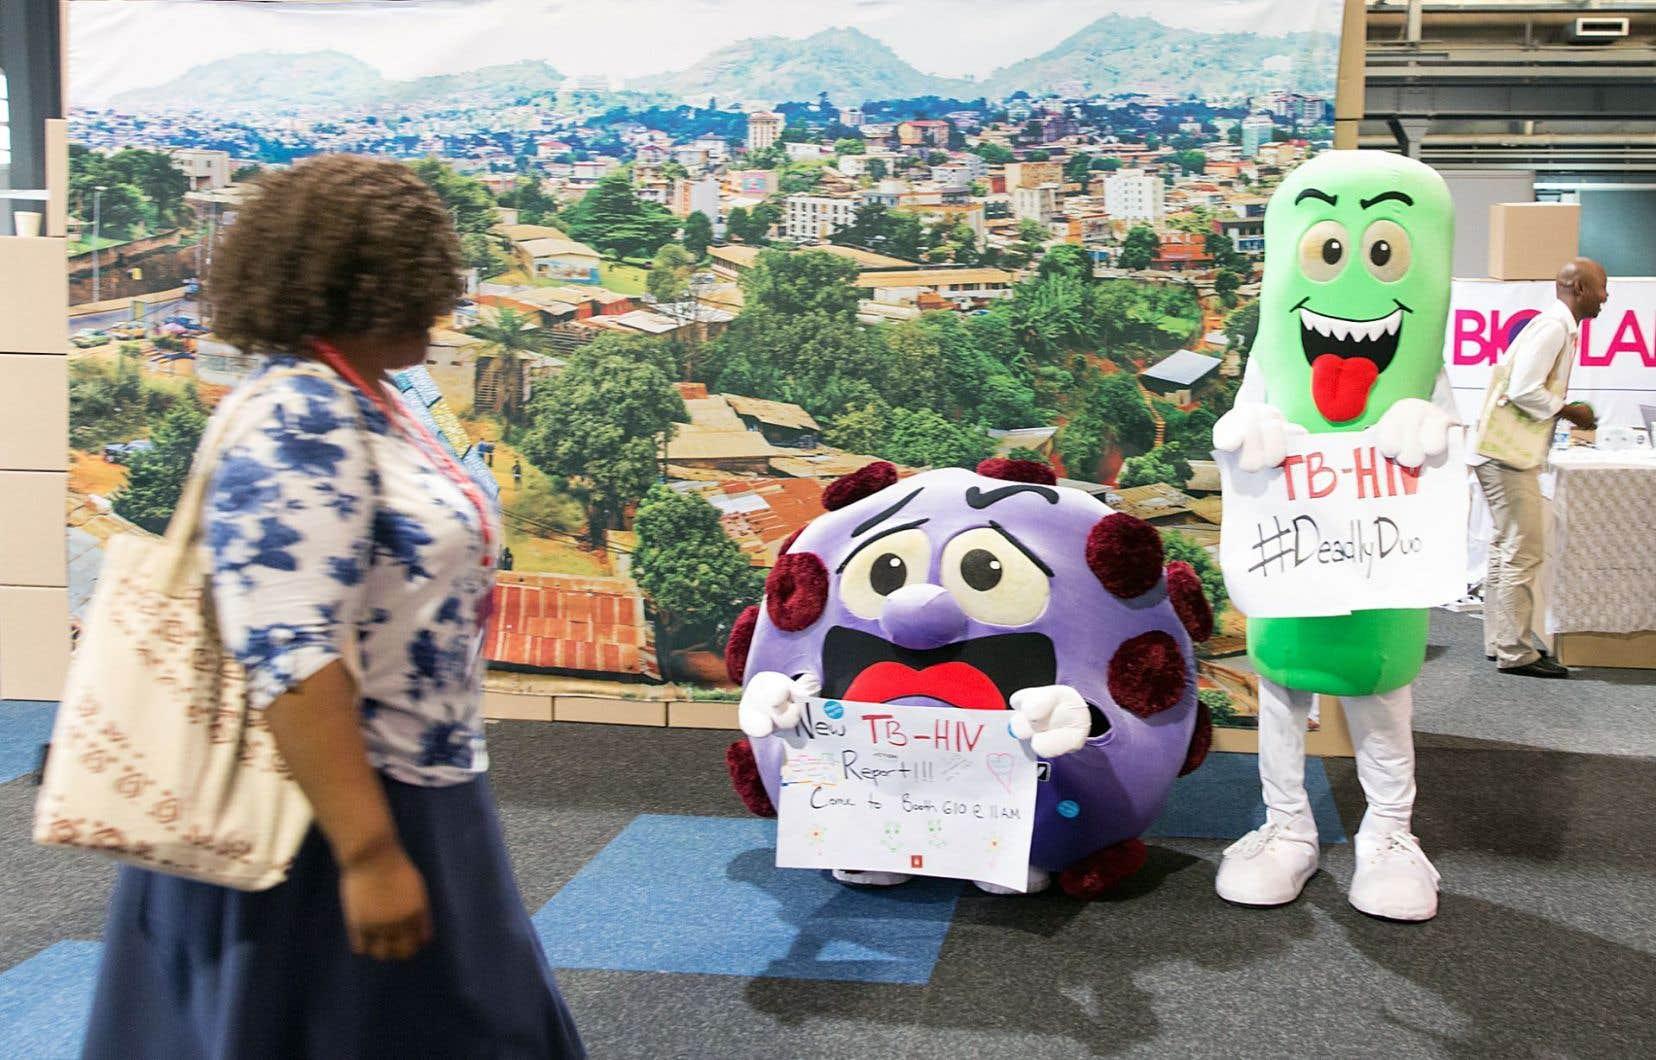 Une participante à la Conférence internationale sur le sida à Durban est interpellée par deux mascottes représentant le virus. Une nouvelle version de la PreP (prophylaxie préexposition sexuelle) sera bientôt testée à Montréal. Les nouvelles molécules sont jugées prometteuses pour freiner la progression des infections au VIH dans le monde.